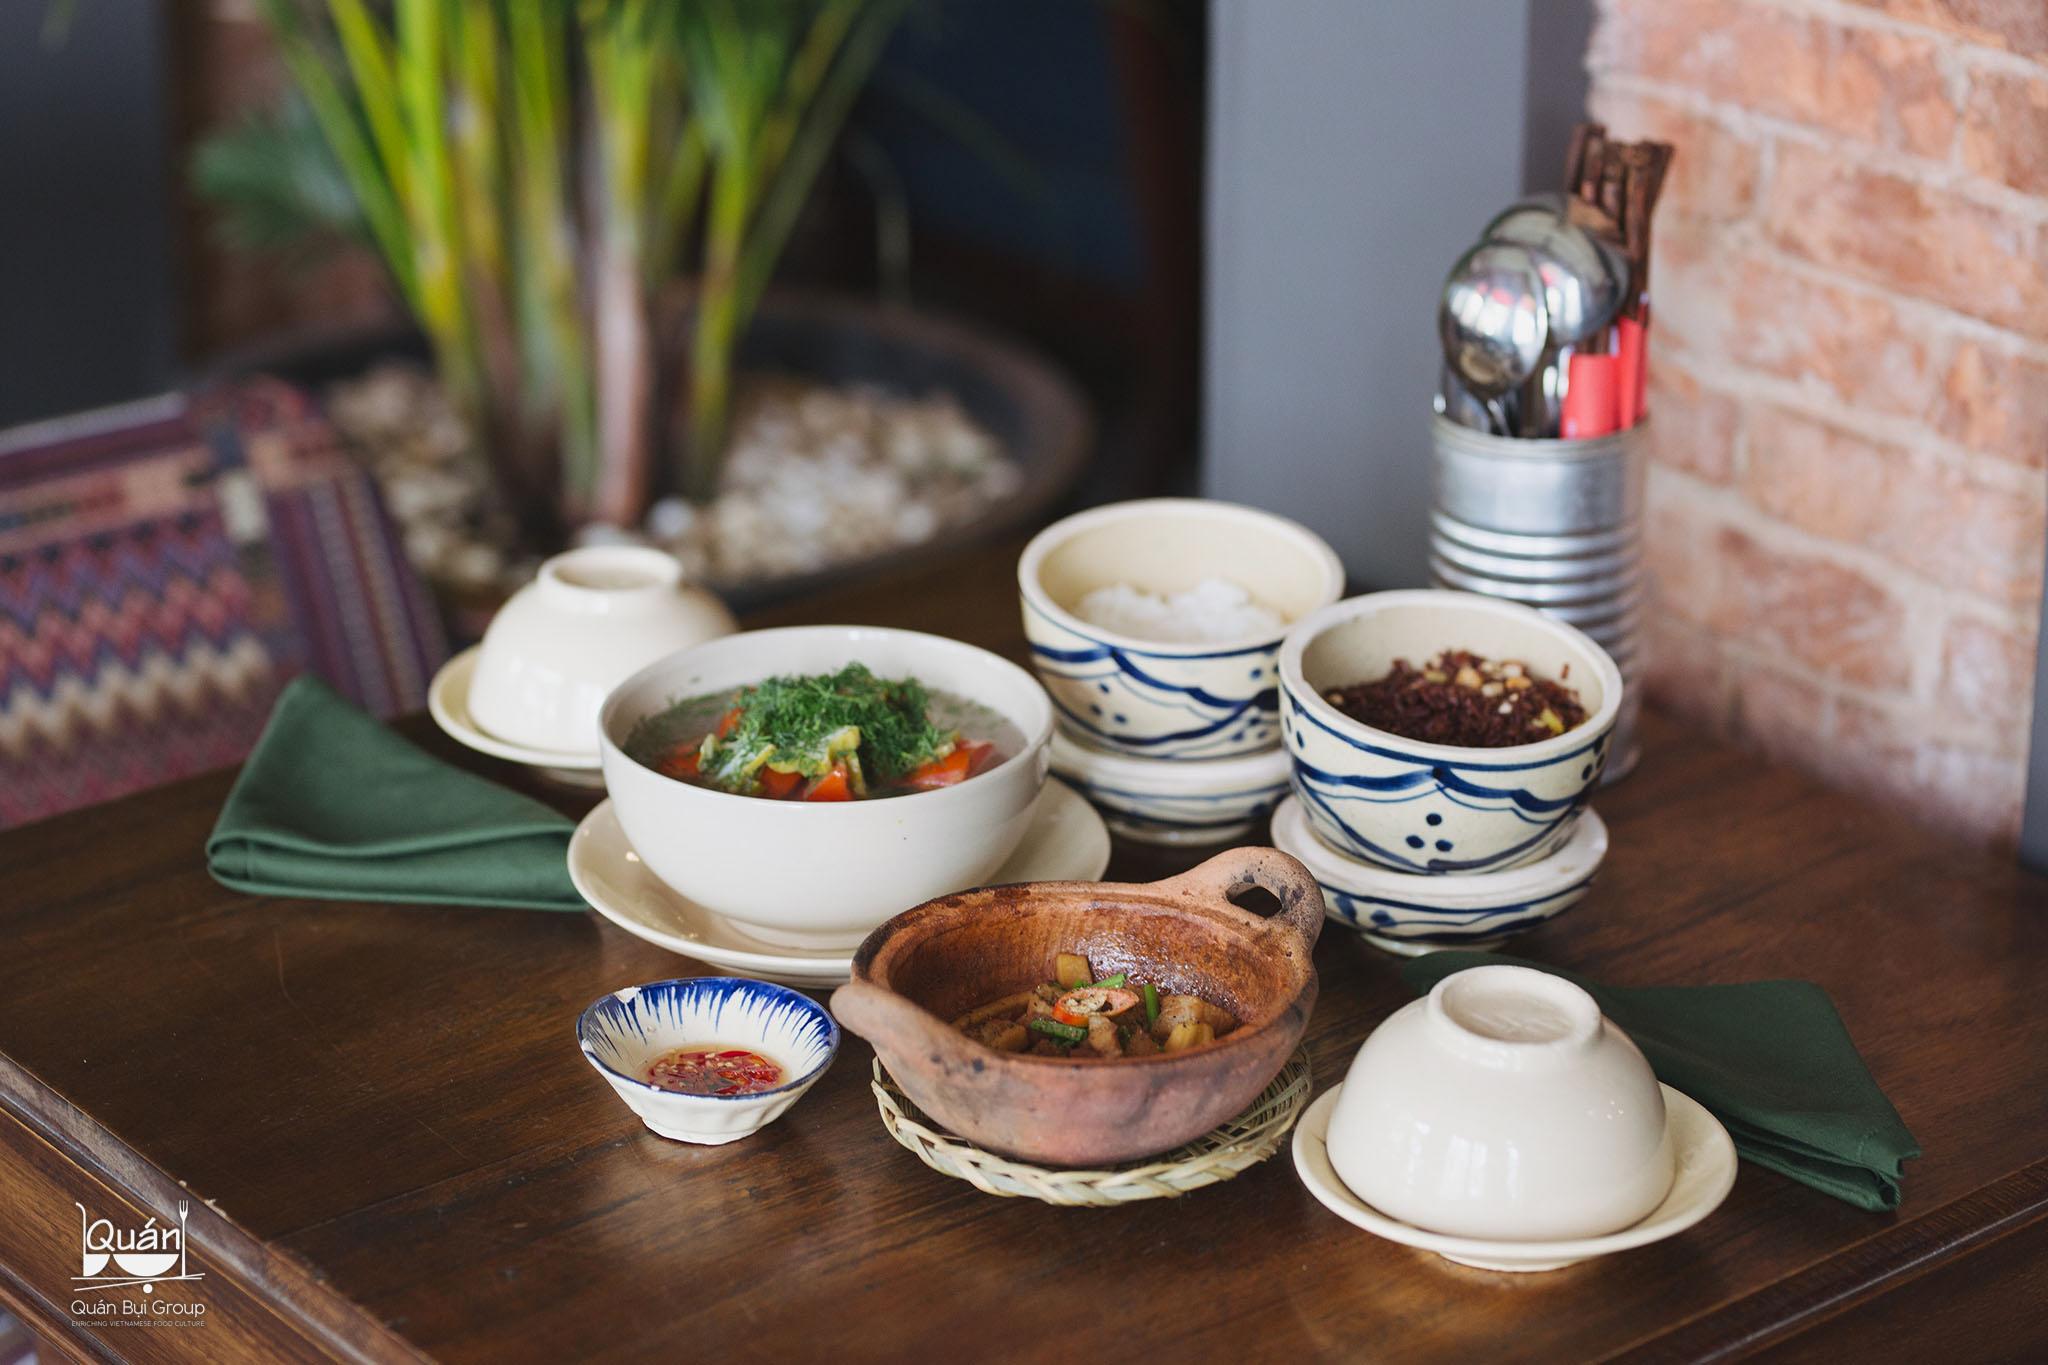 ẩm thực Quán Bụi